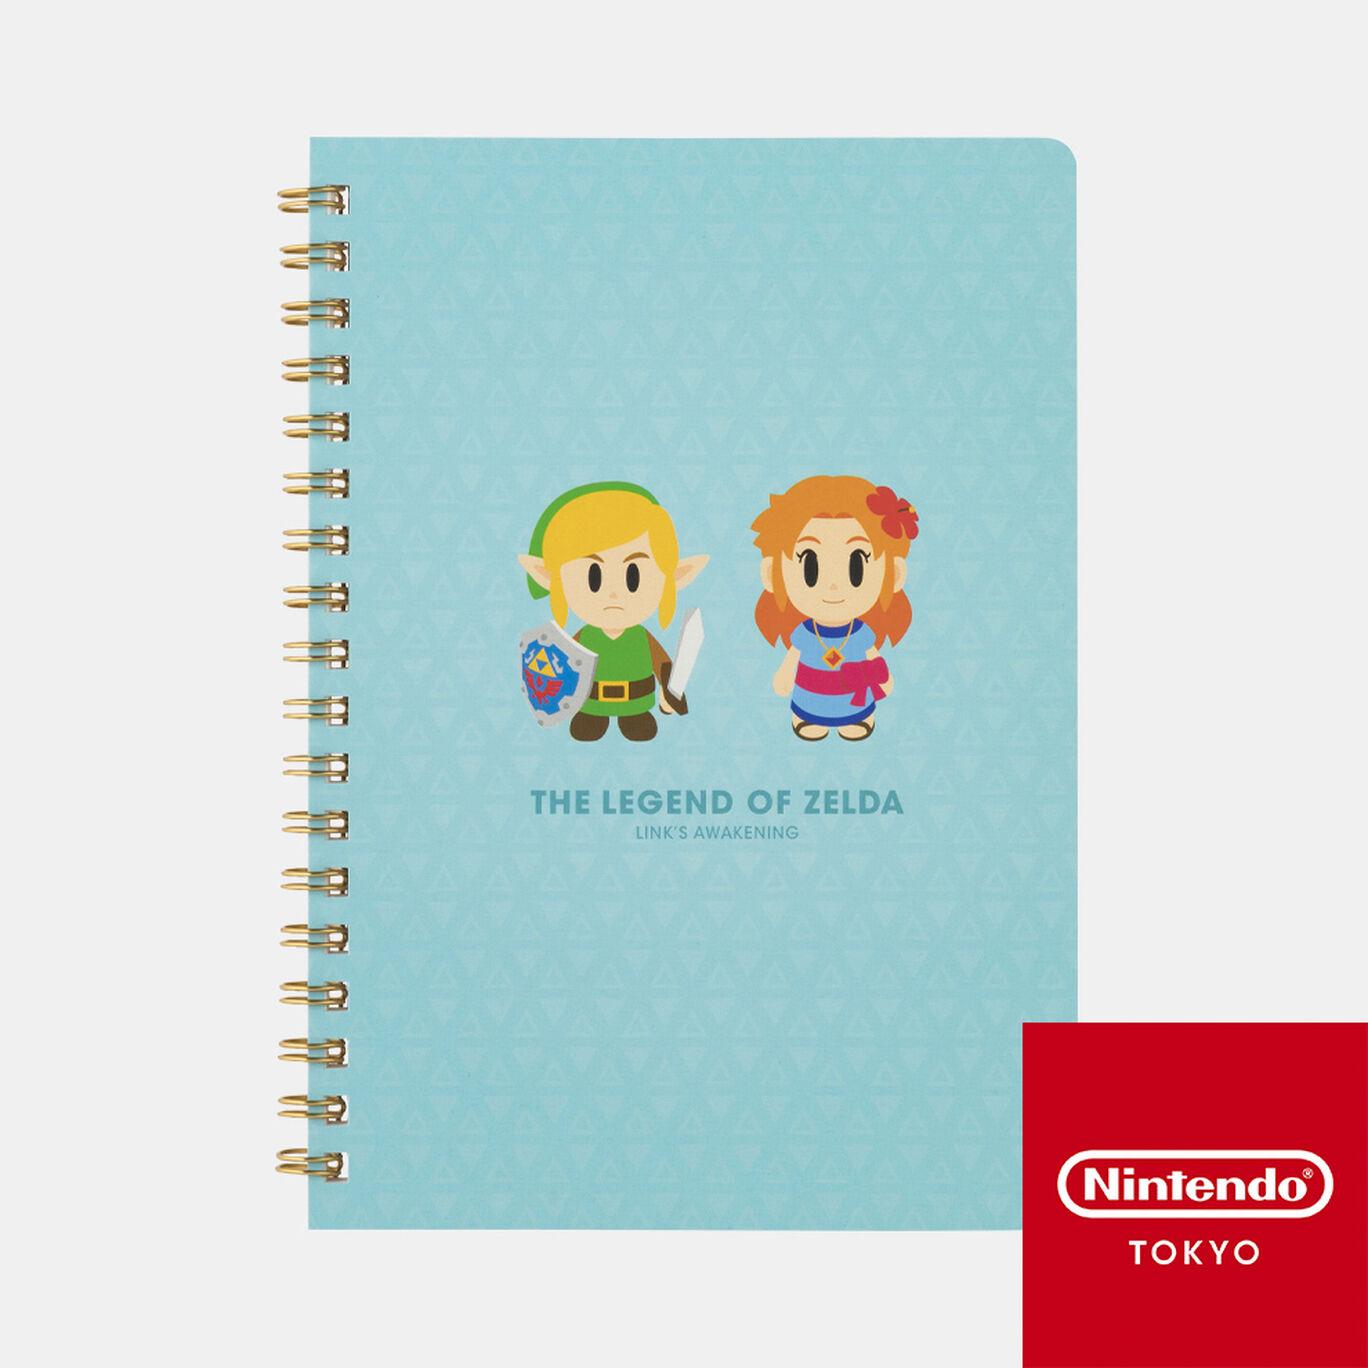 ノート ゼルダの伝説 夢をみる島【Nintendo TOKYO取り扱い商品】